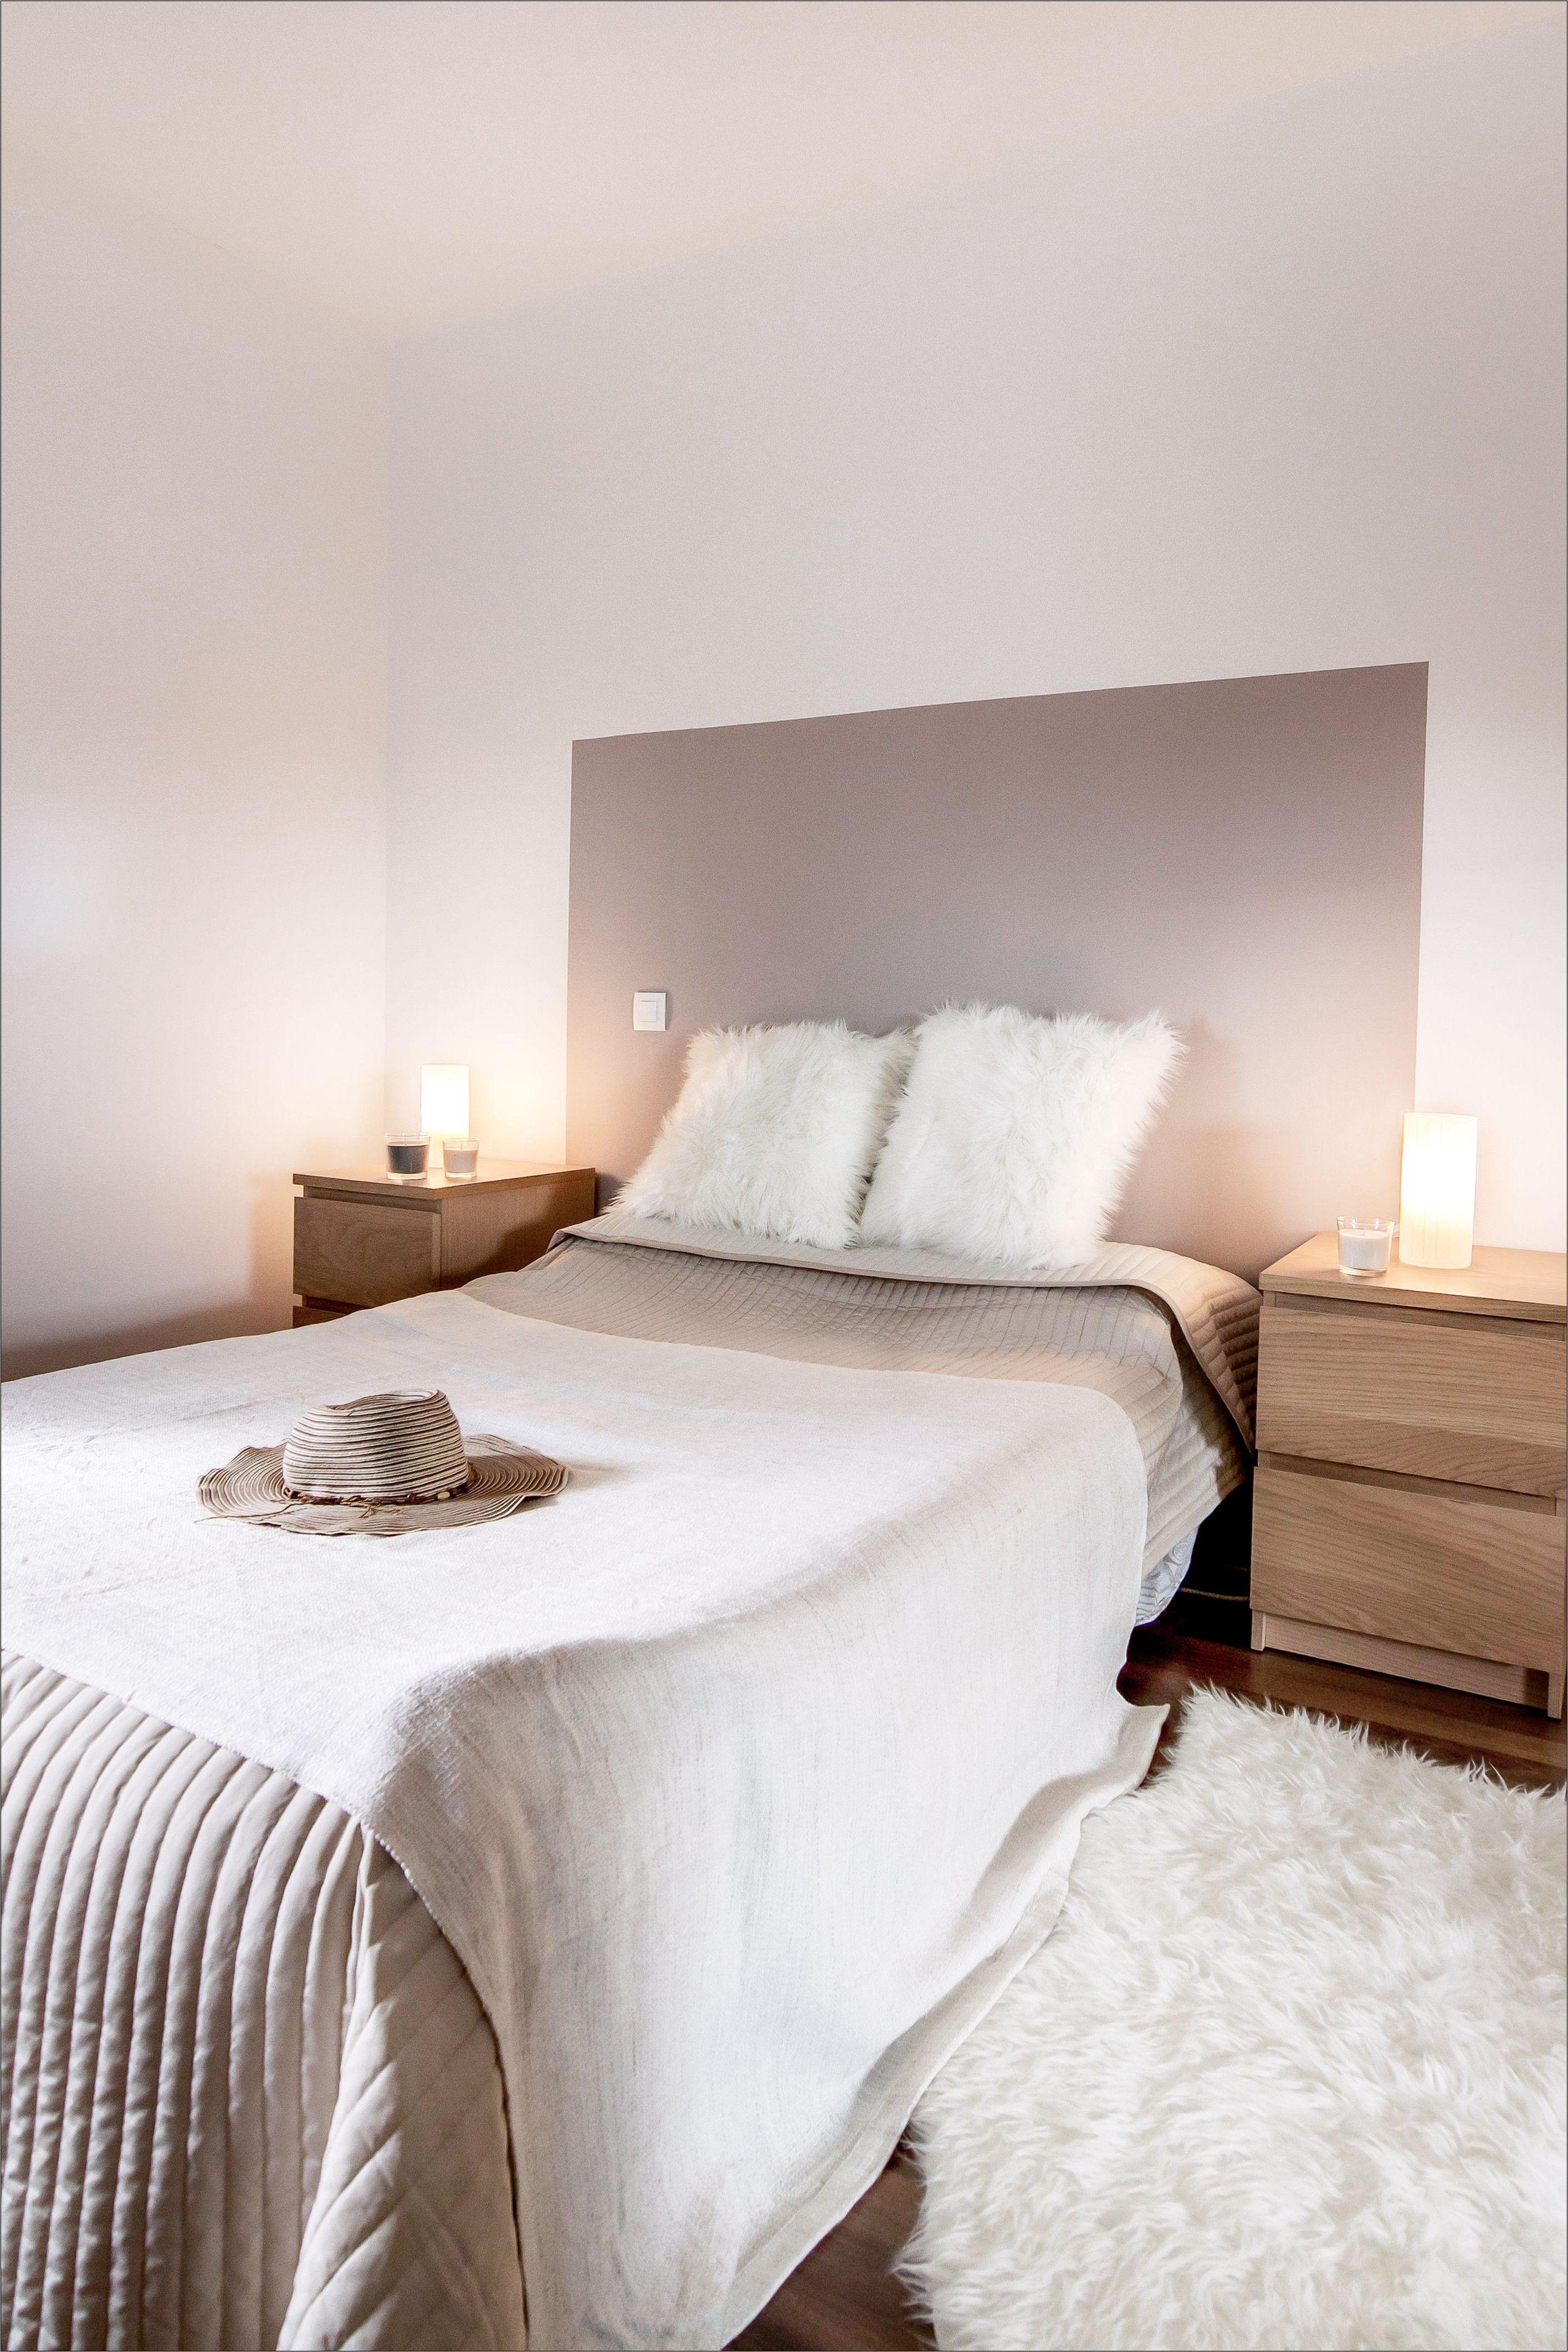 50+ Tete de lit chambre ideas